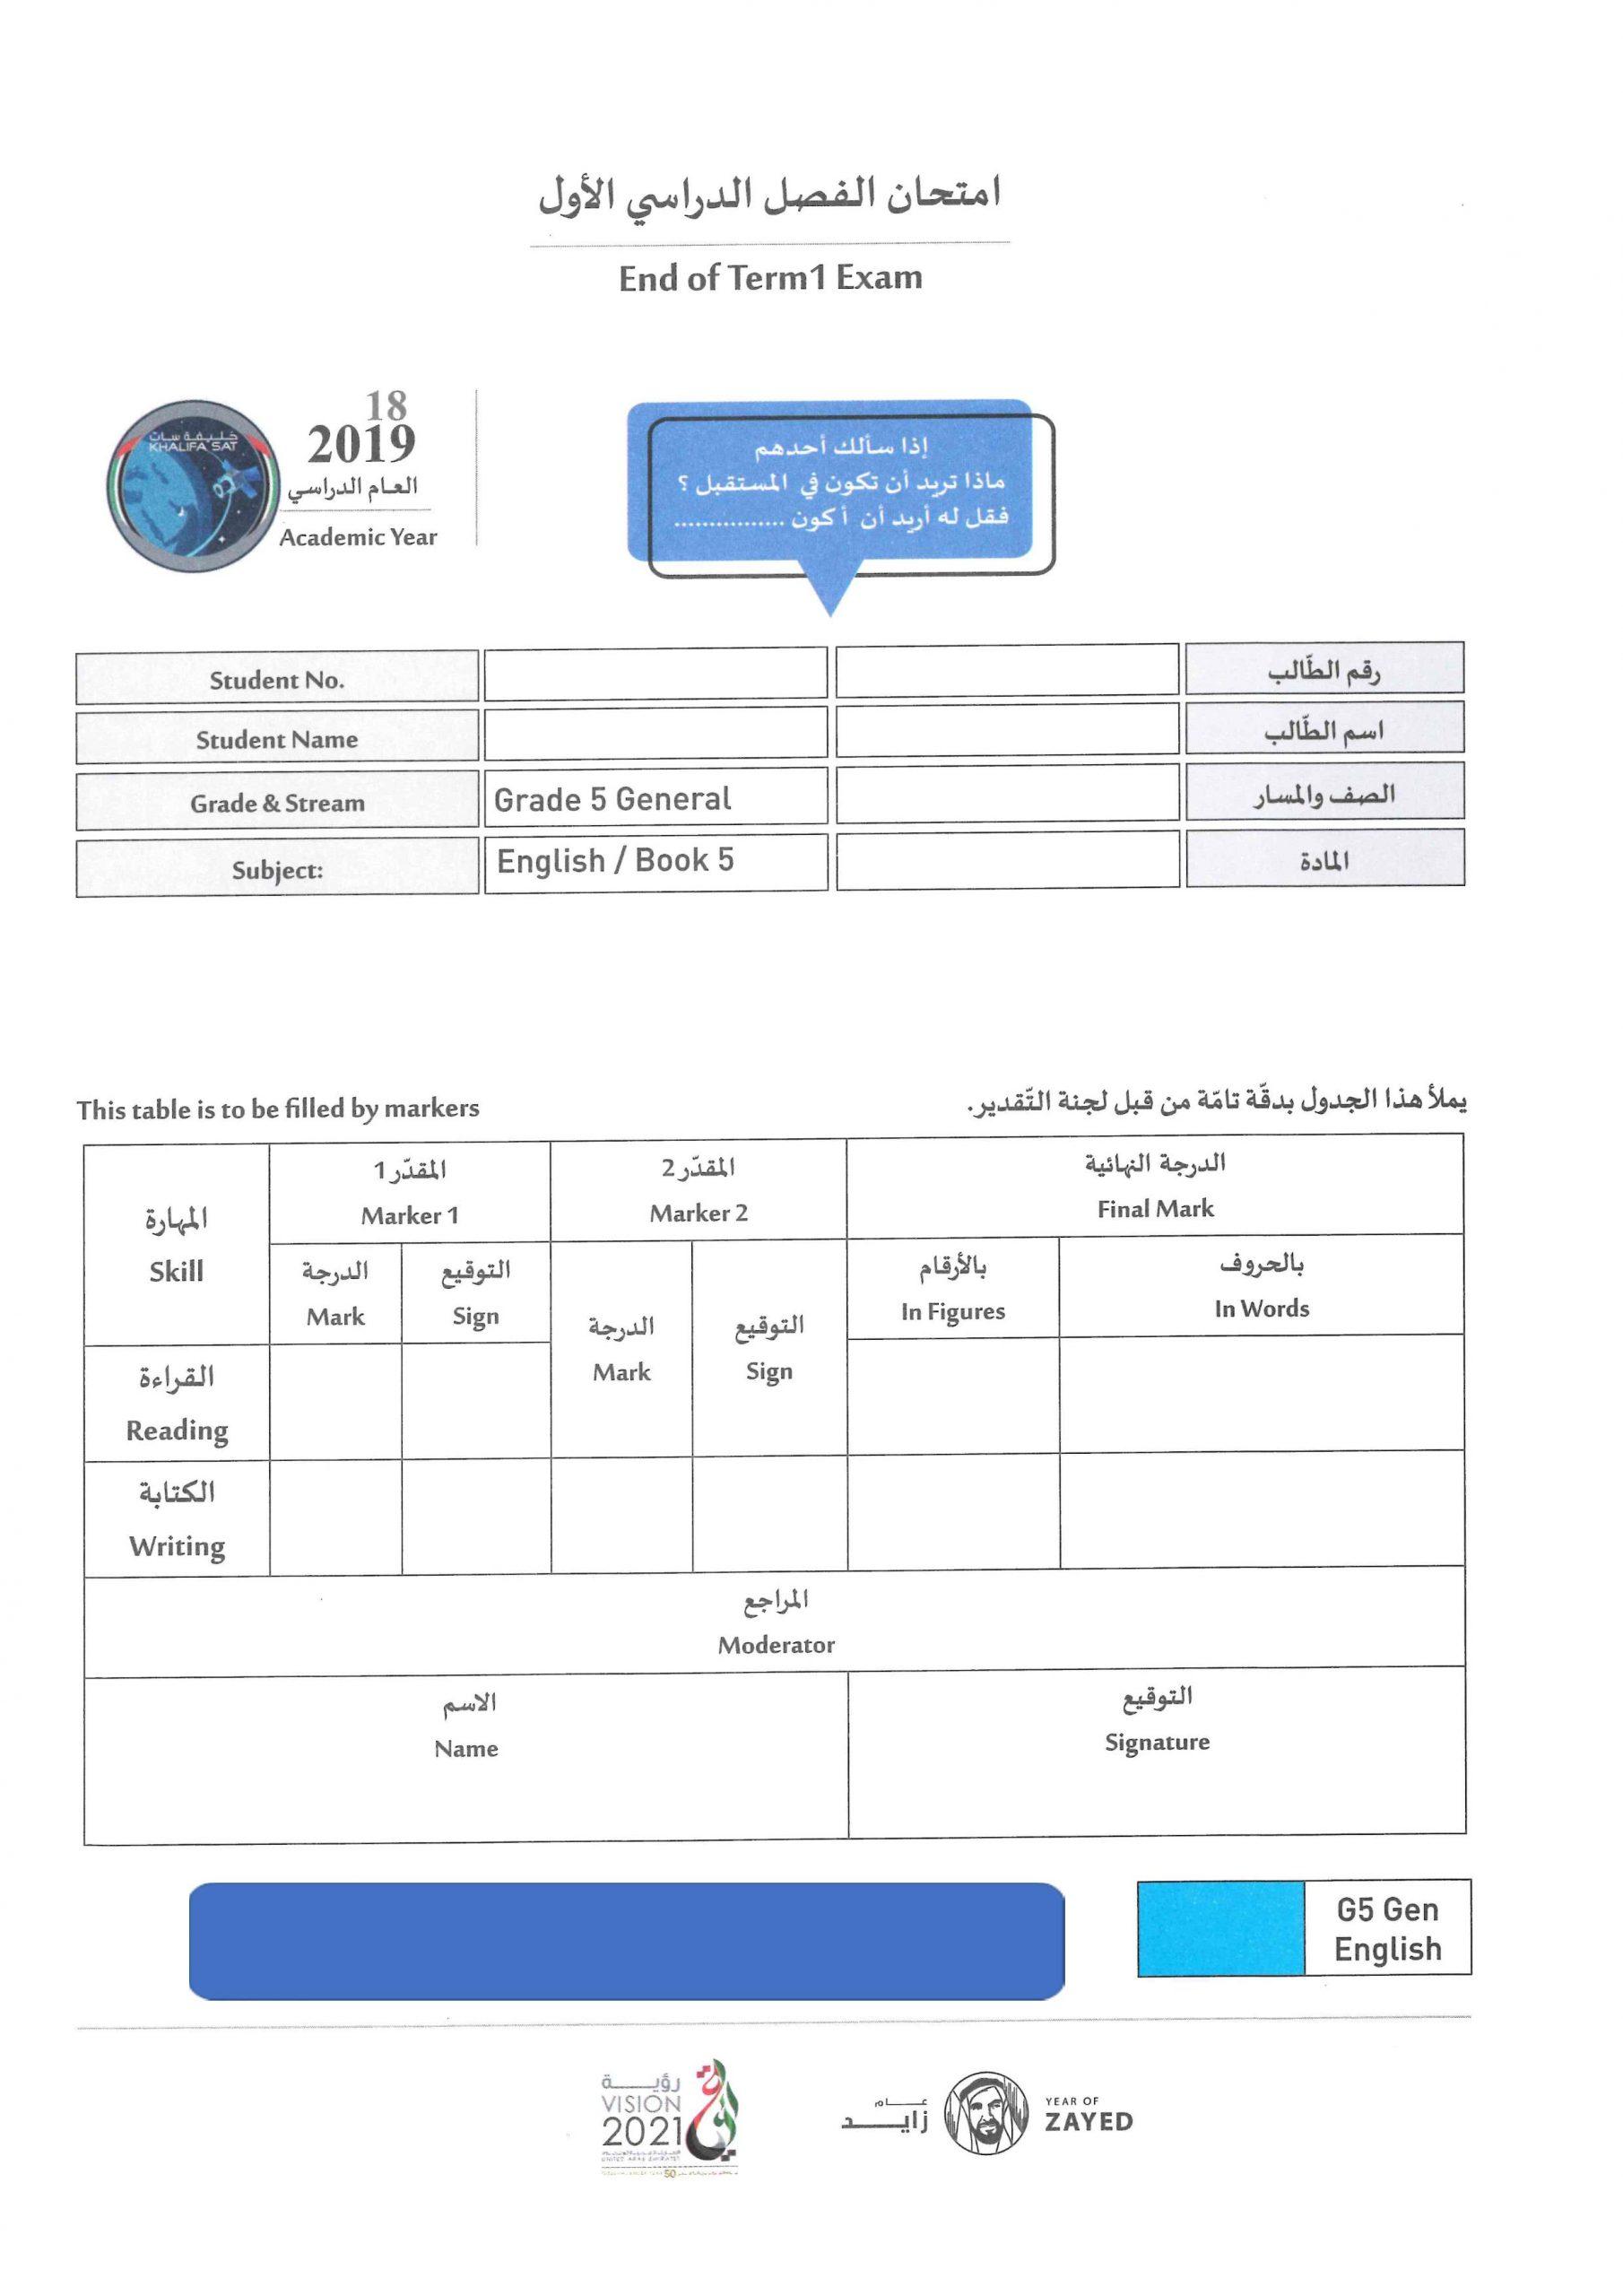 امتحان نهاية الفصل الدراسي الاول 2018-2019 الصف الخامس مادة اللغة الانجليزية